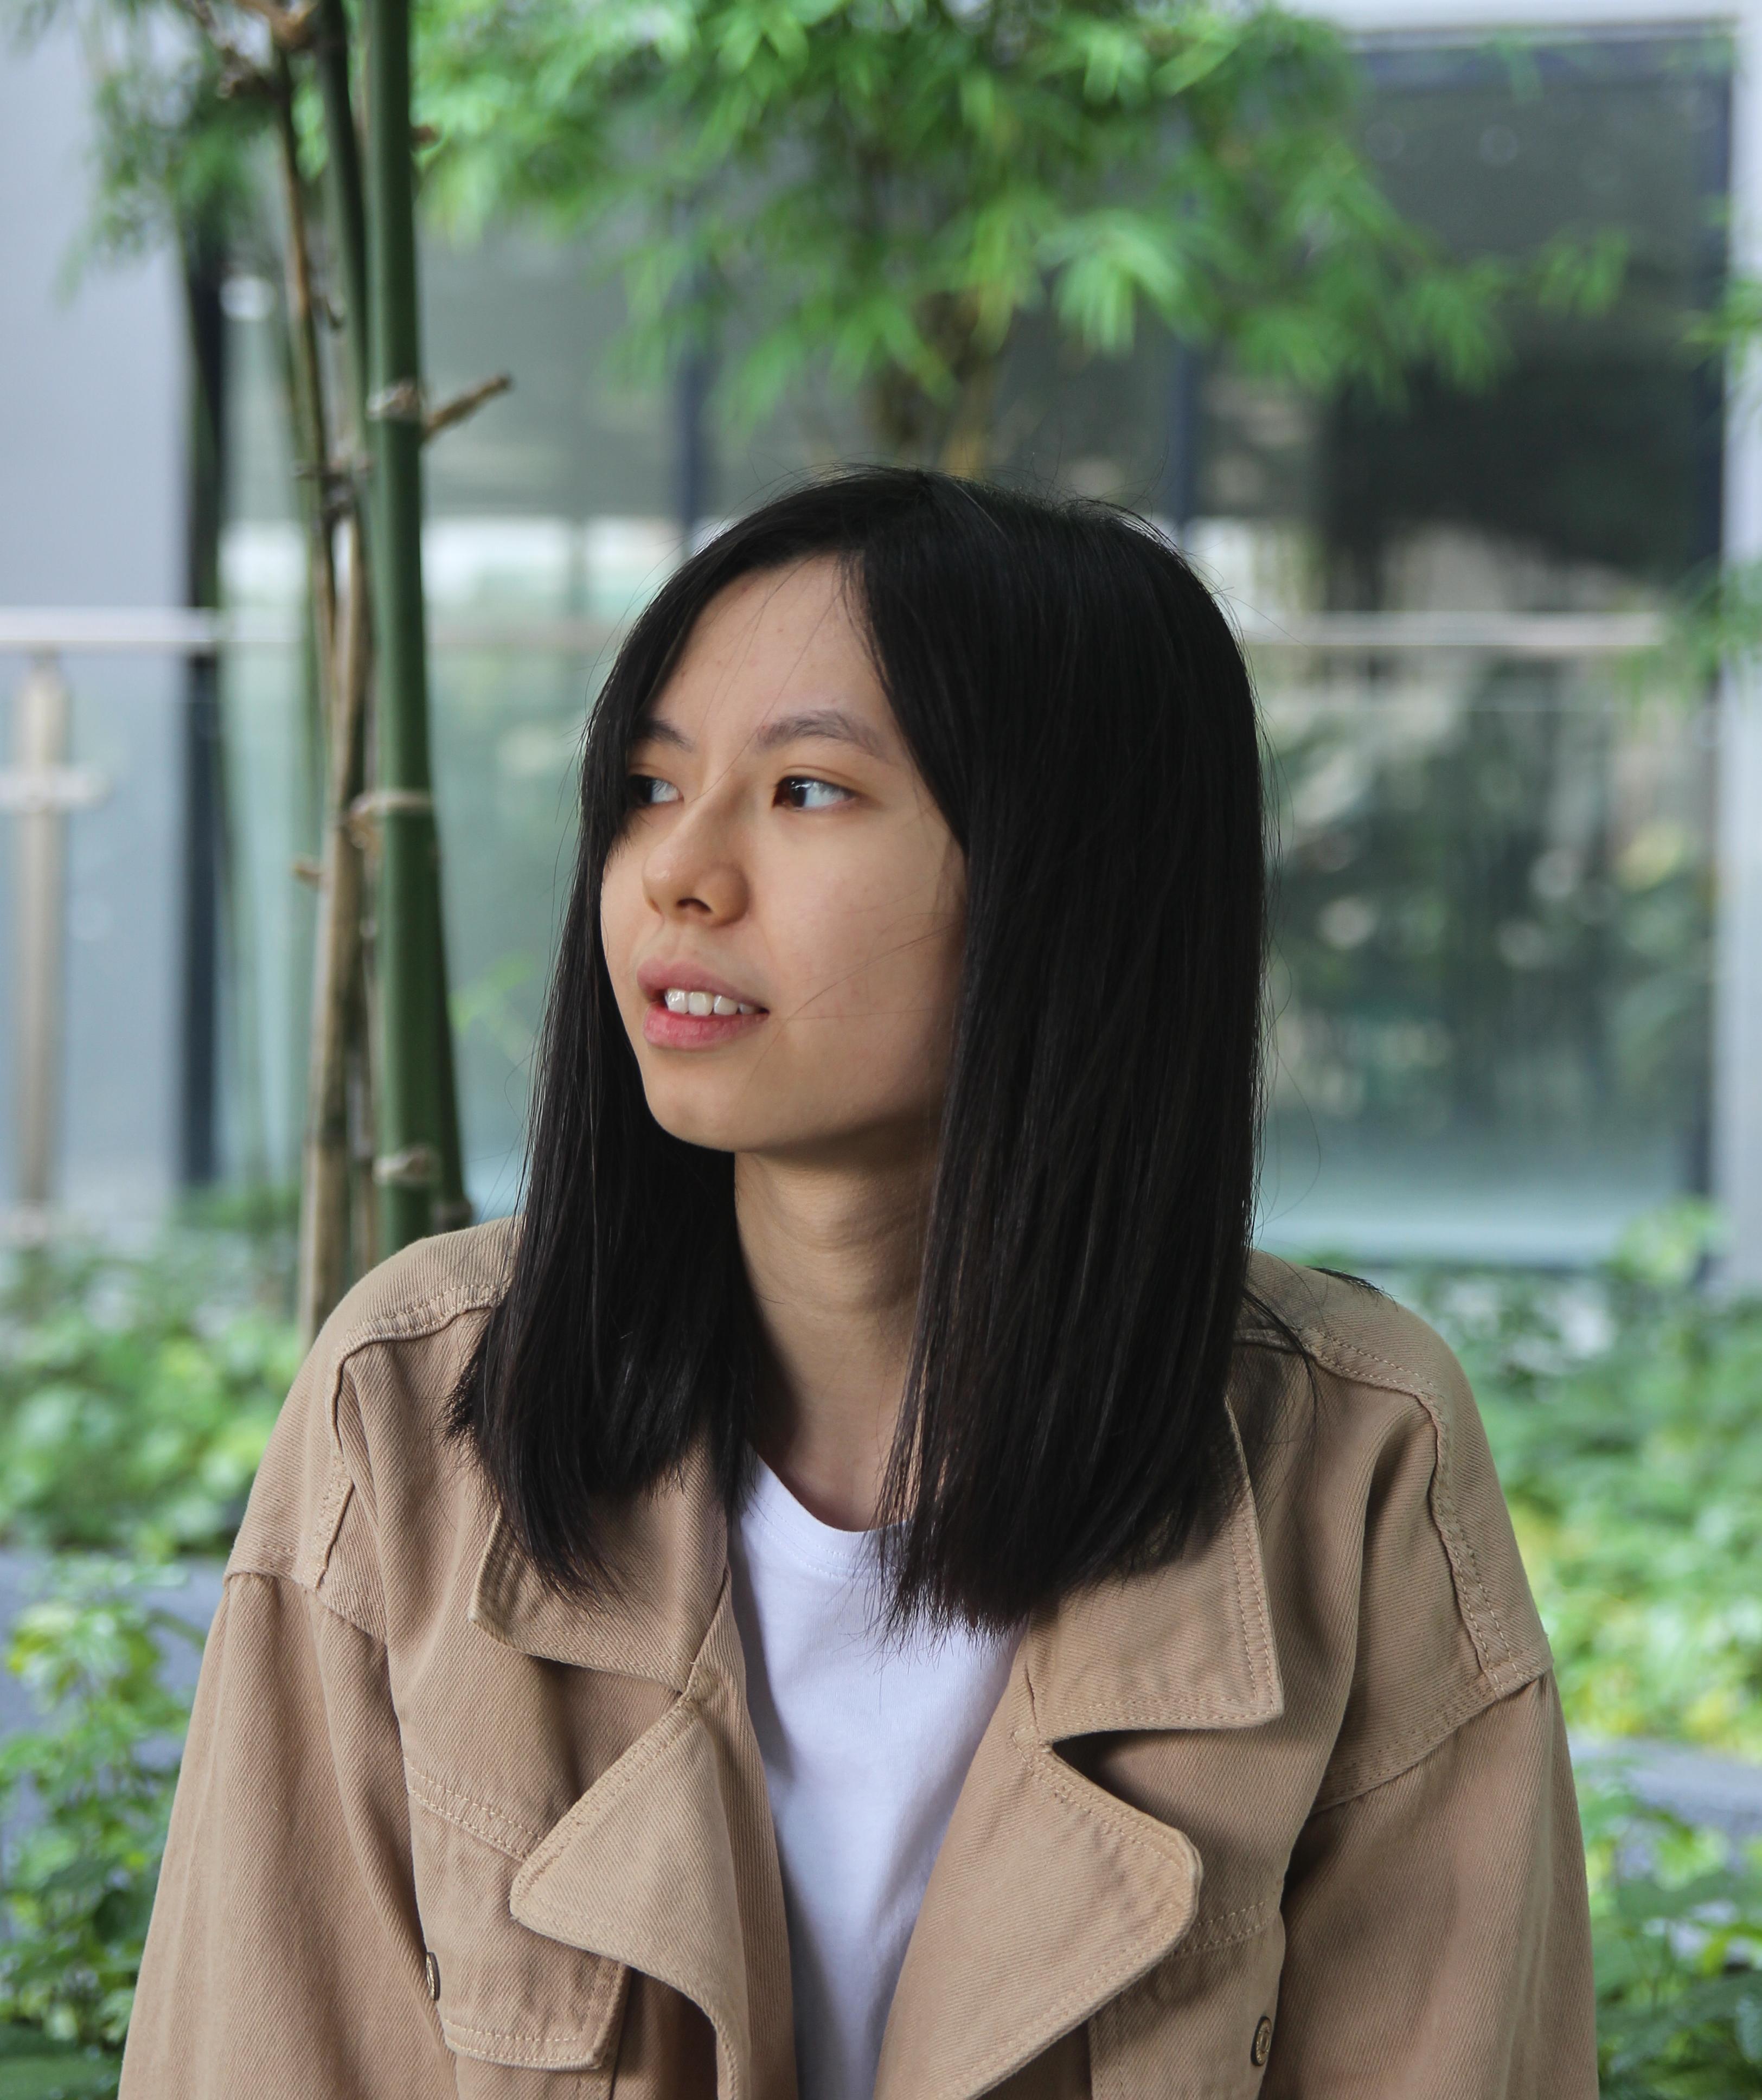 KONG HUEY QIAN